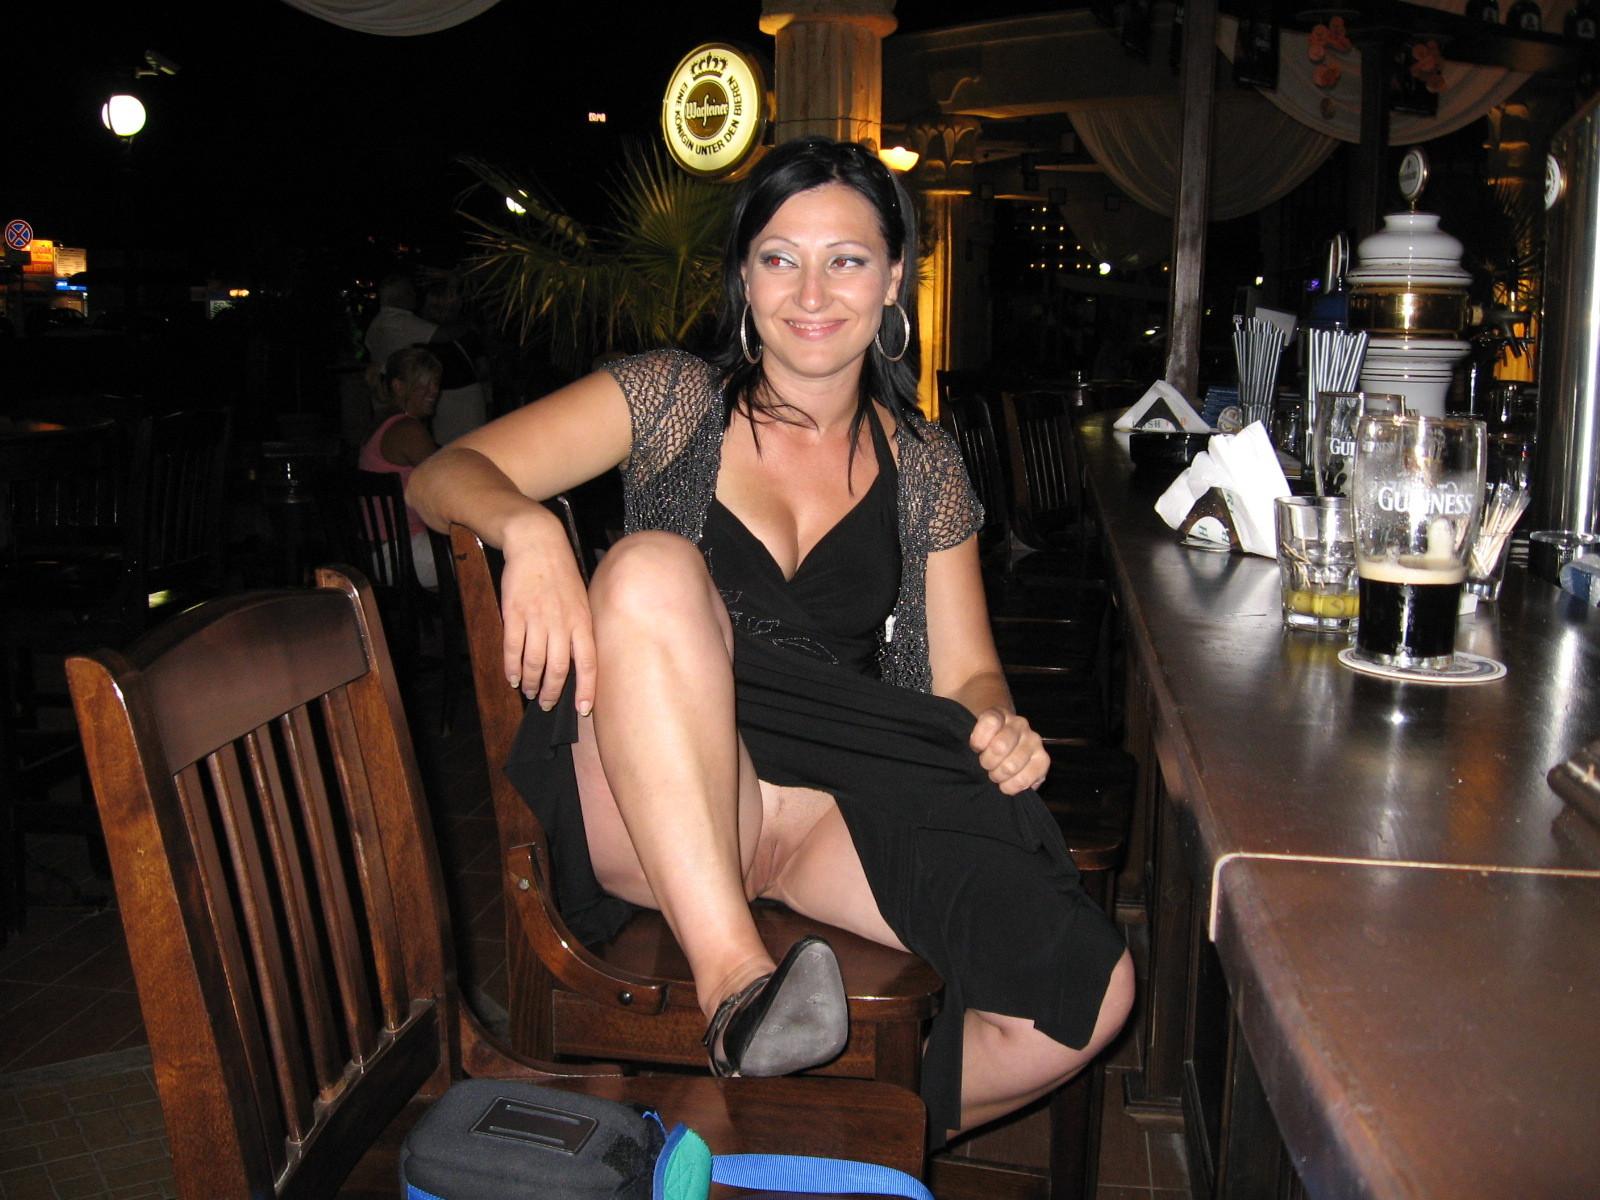 Смотреть онлайн без трусиков в юбке в кафе 12 фотография